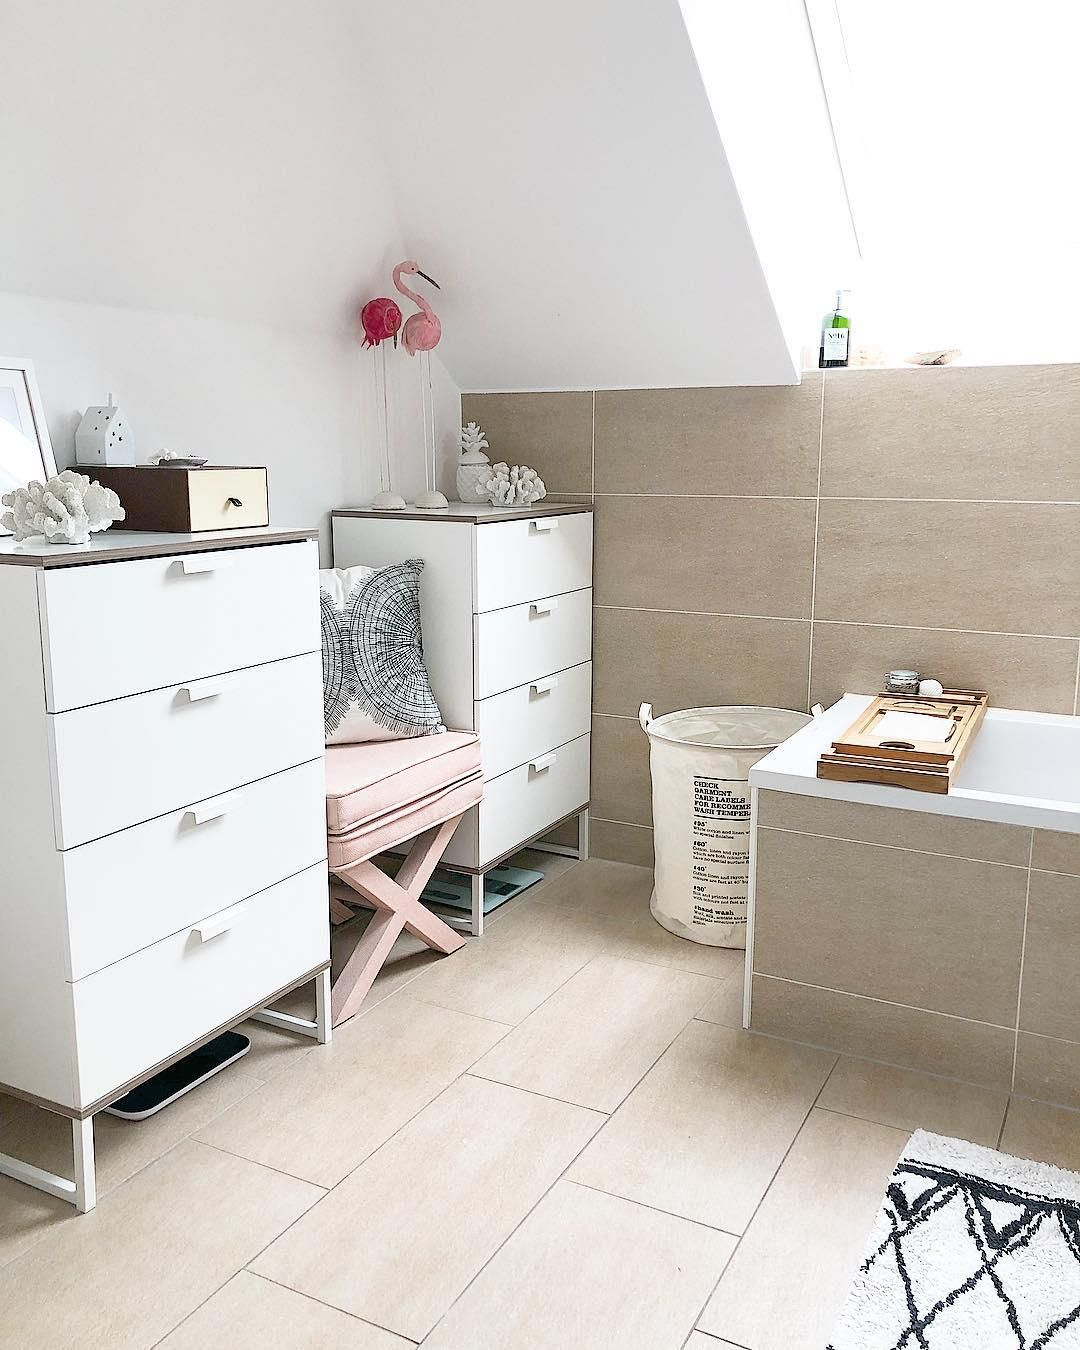 Bathroom Goals! In diesem wunderschönen lichtdurchfluteten